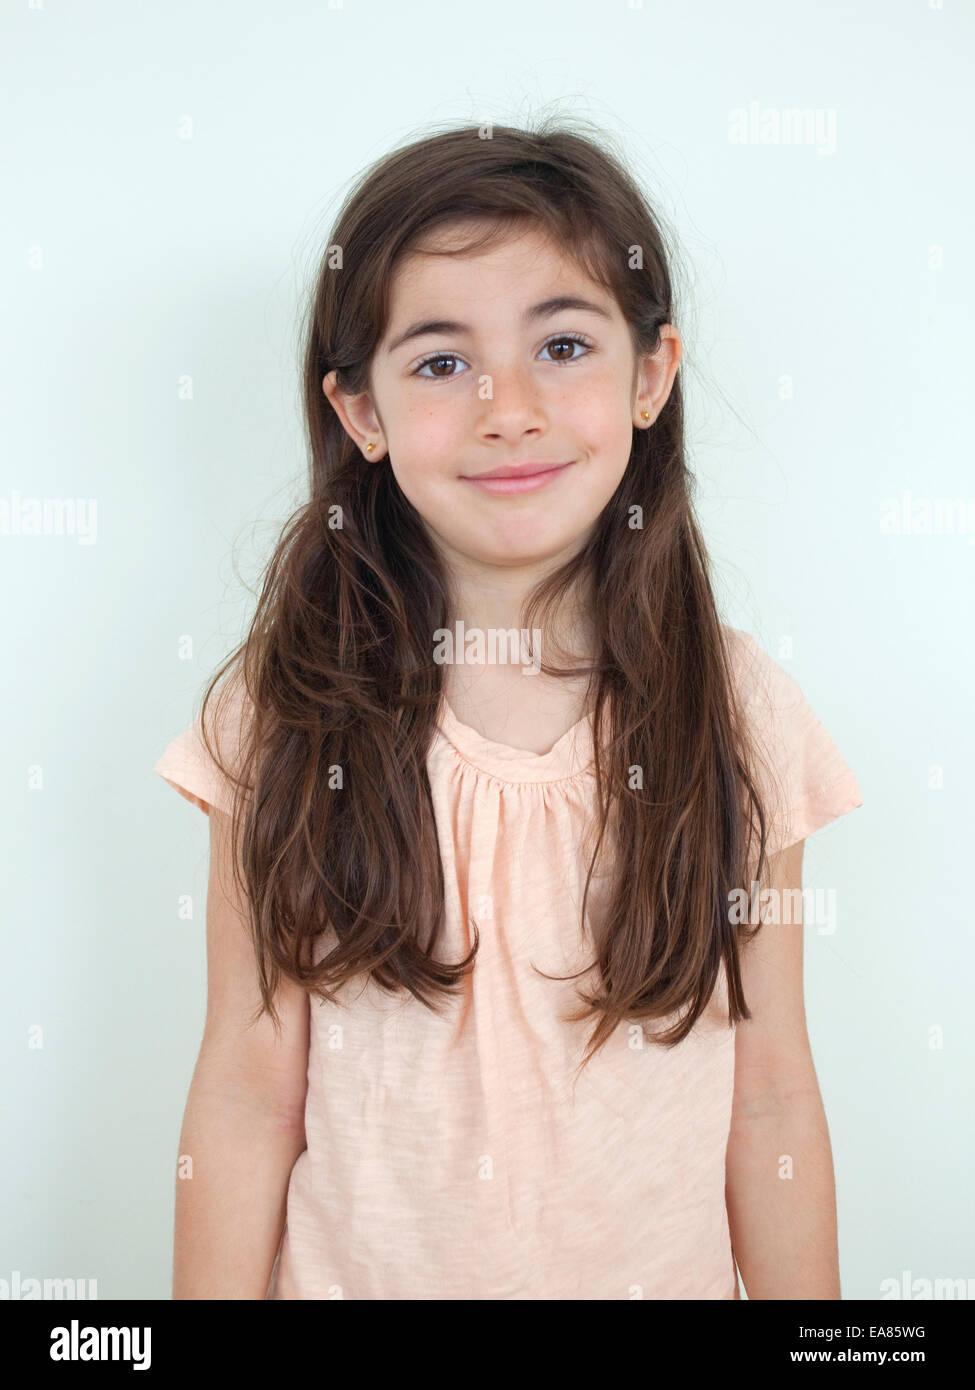 Portrait de jeune fille de 7 ans Photo Stock